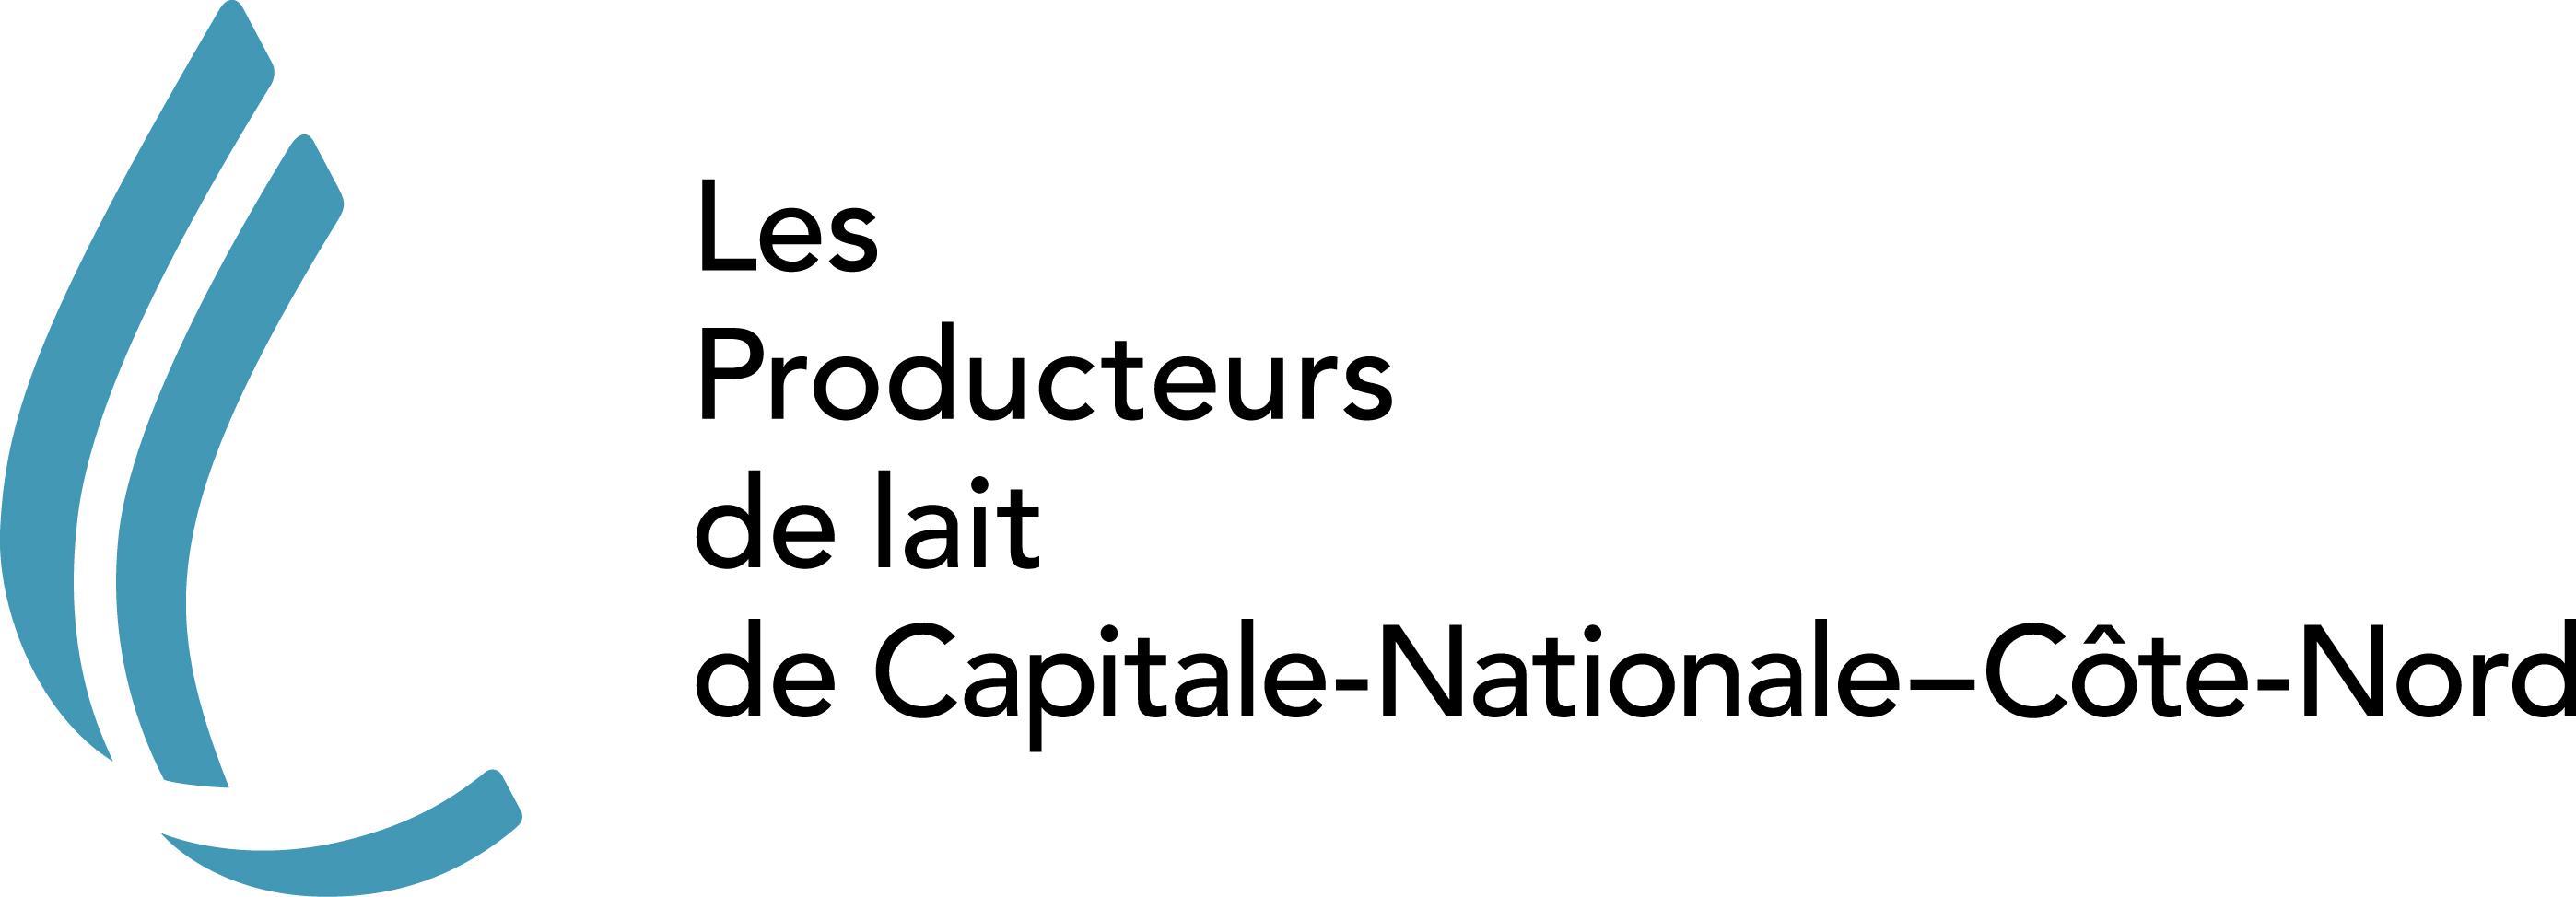 https://loisirslebourgneuf.net/wp-content/uploads/2019/05/Les-Producteurs-de-Lait-de-la-CapitaleNat-CoteN-Avec-fond.jpg